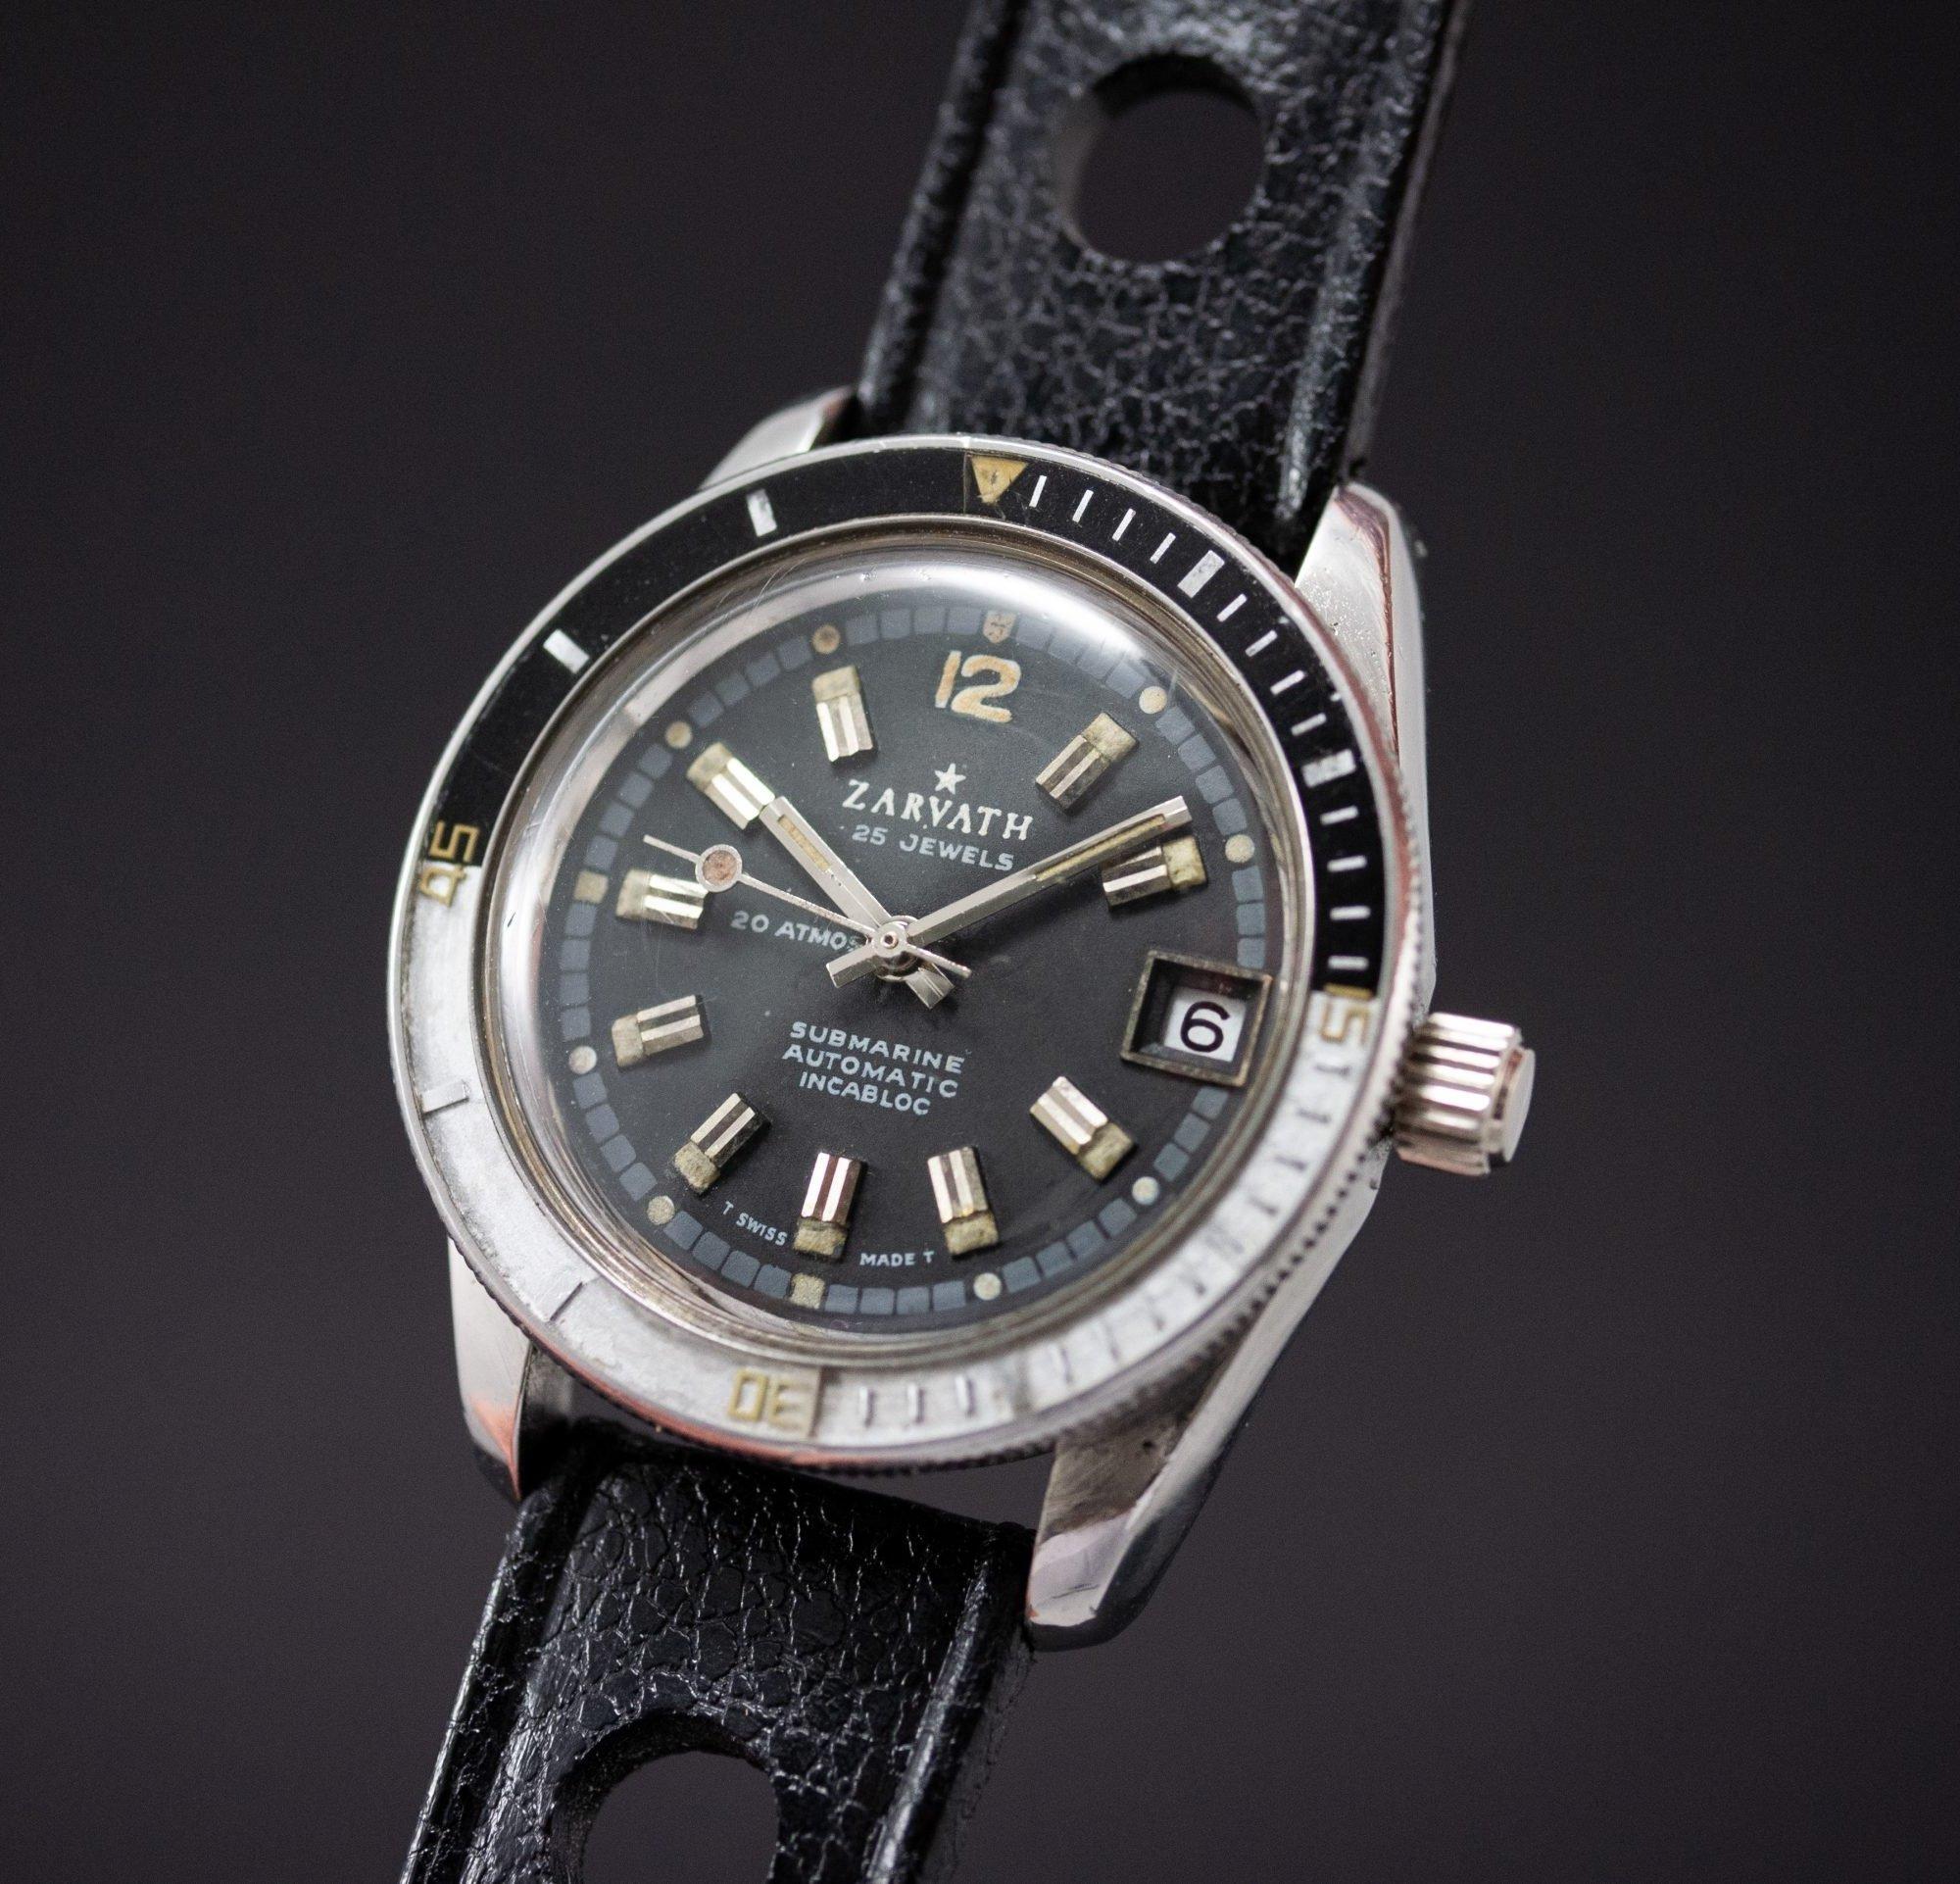 vintage Zarvath 25 jewels Automatic Vintage Diver Bakelite Bezel Tritium